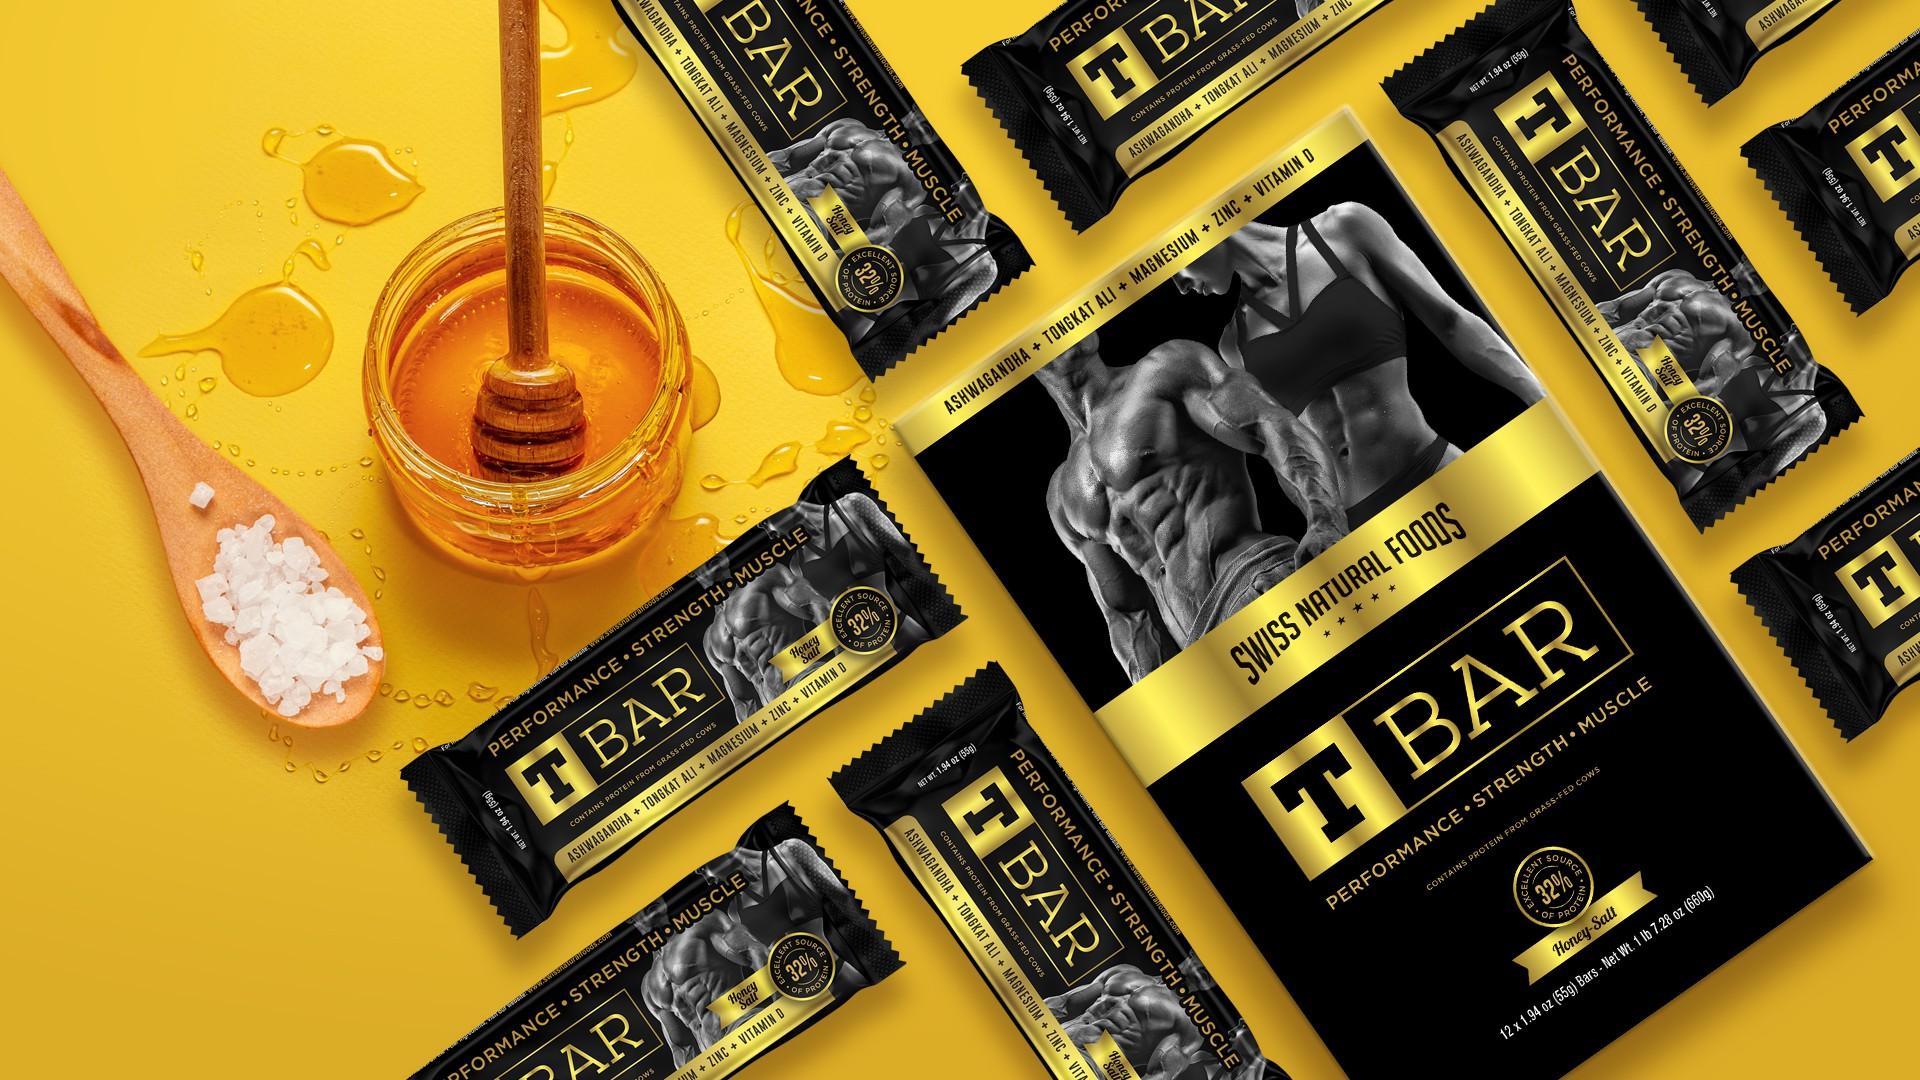 T-Bar: Flyer + Banner + Social Media Cover